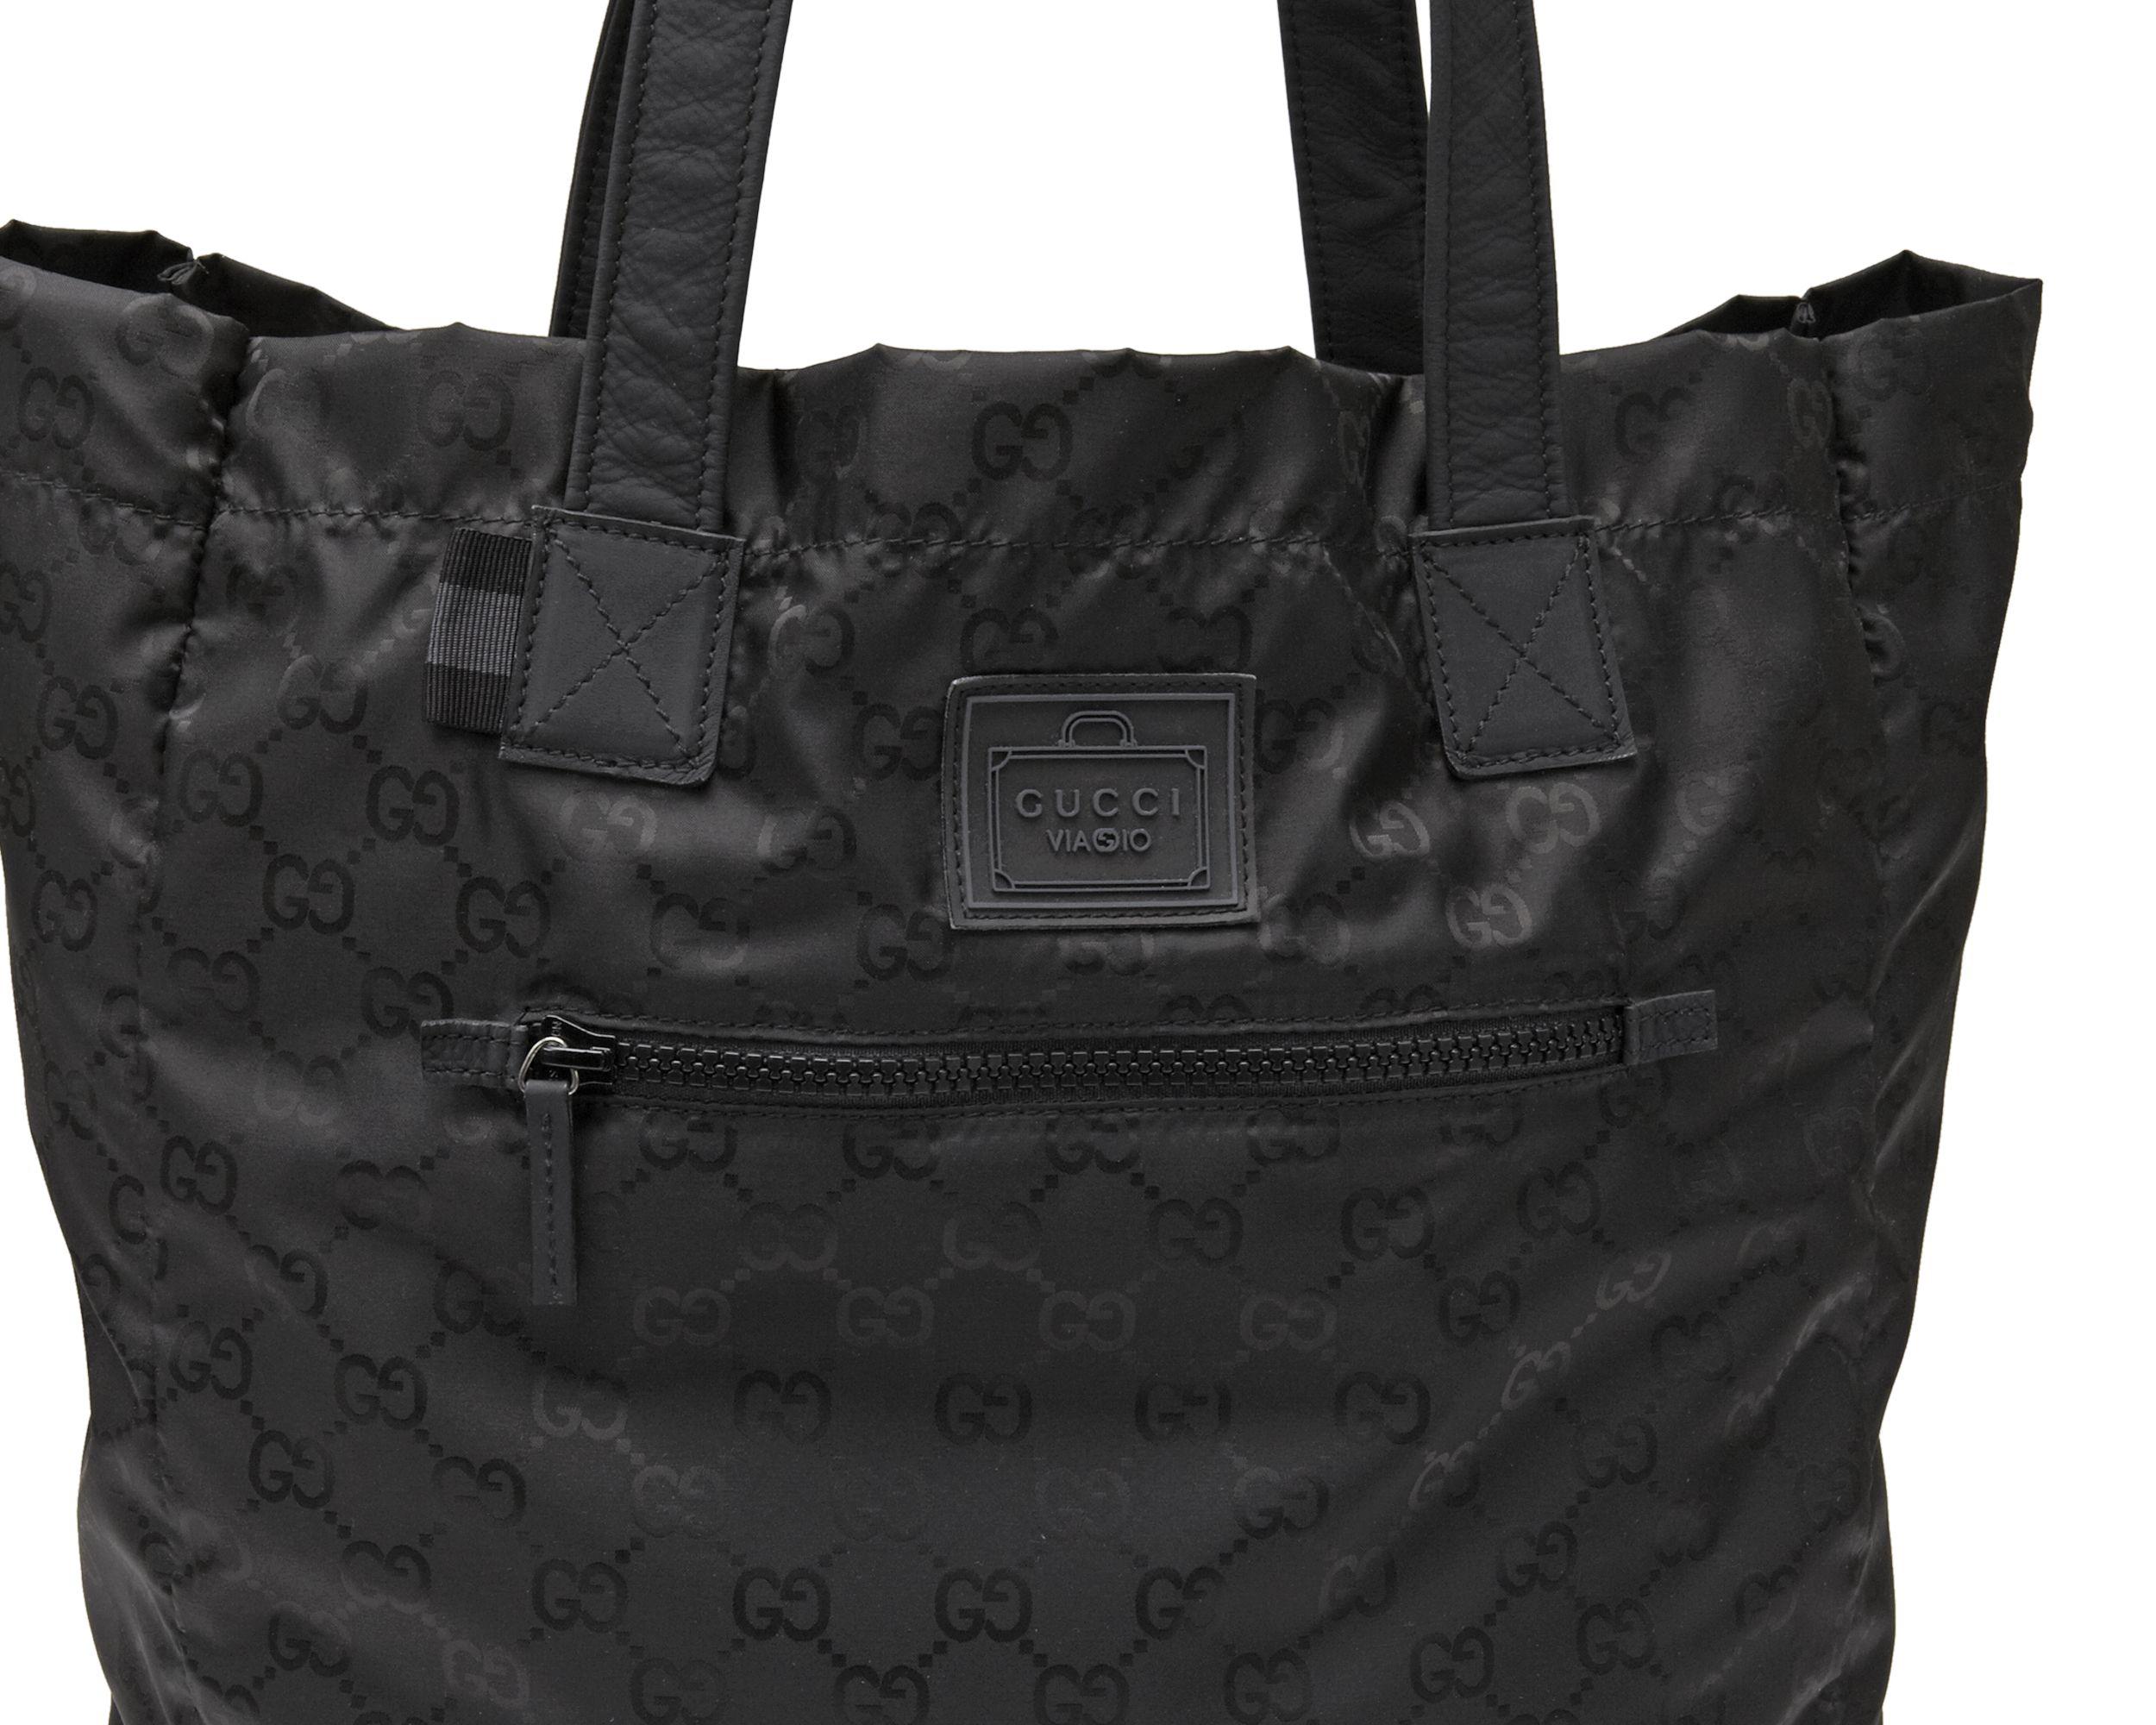 8c0ba29a34 Black gg nylon tote from viaggio collection | My Style | Gucci e Viaggi